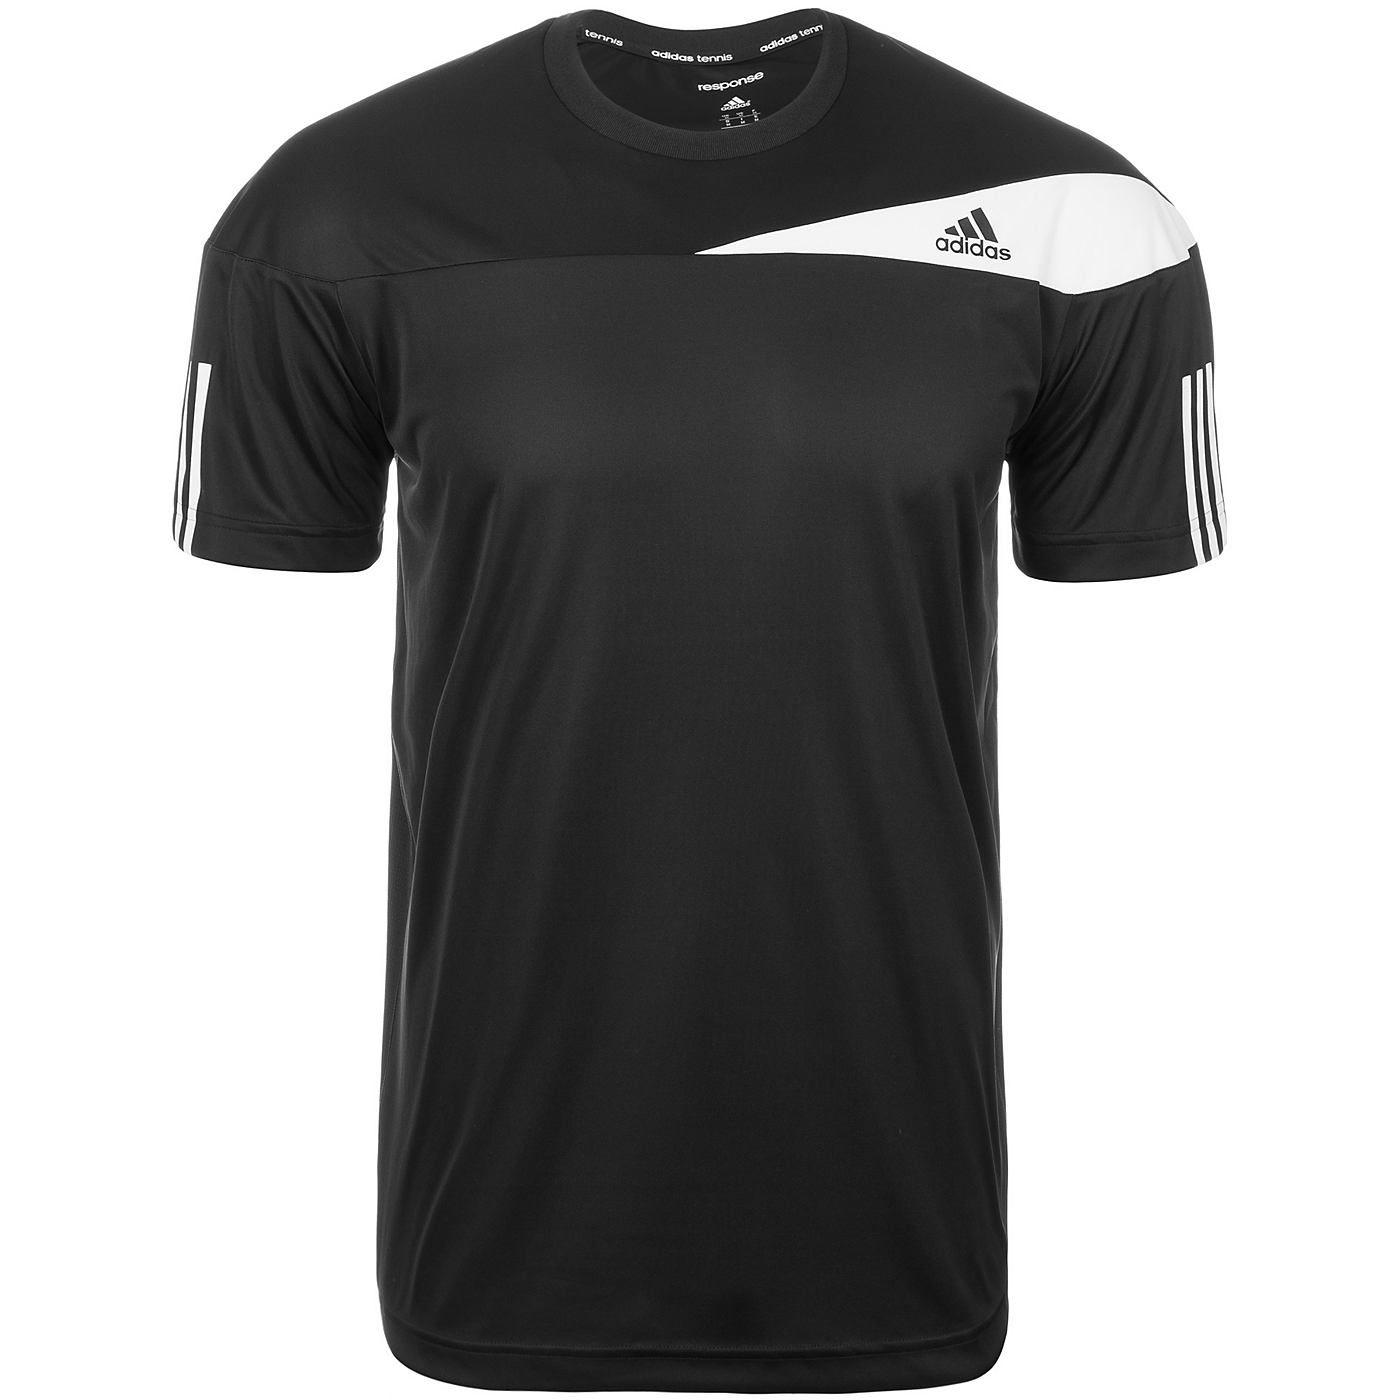 Response Tennisshirt Herren    Um den perfekten Aufschlag abzuliefern, brauchst du absolute Konzentration. Dieses Tennis-T-Shirt für Männer hilft dir dabei, sie zu erreichen, denn dank grandioser Ventilation musst du dir um Hitze und Schweiß keine Gedanken machen.     ClimaCool-Technologie und der Meshstoff auf der Rückseite sorgen für Ventilation und Feuchtigkeitsmanagement. Das Shirt mit geri...